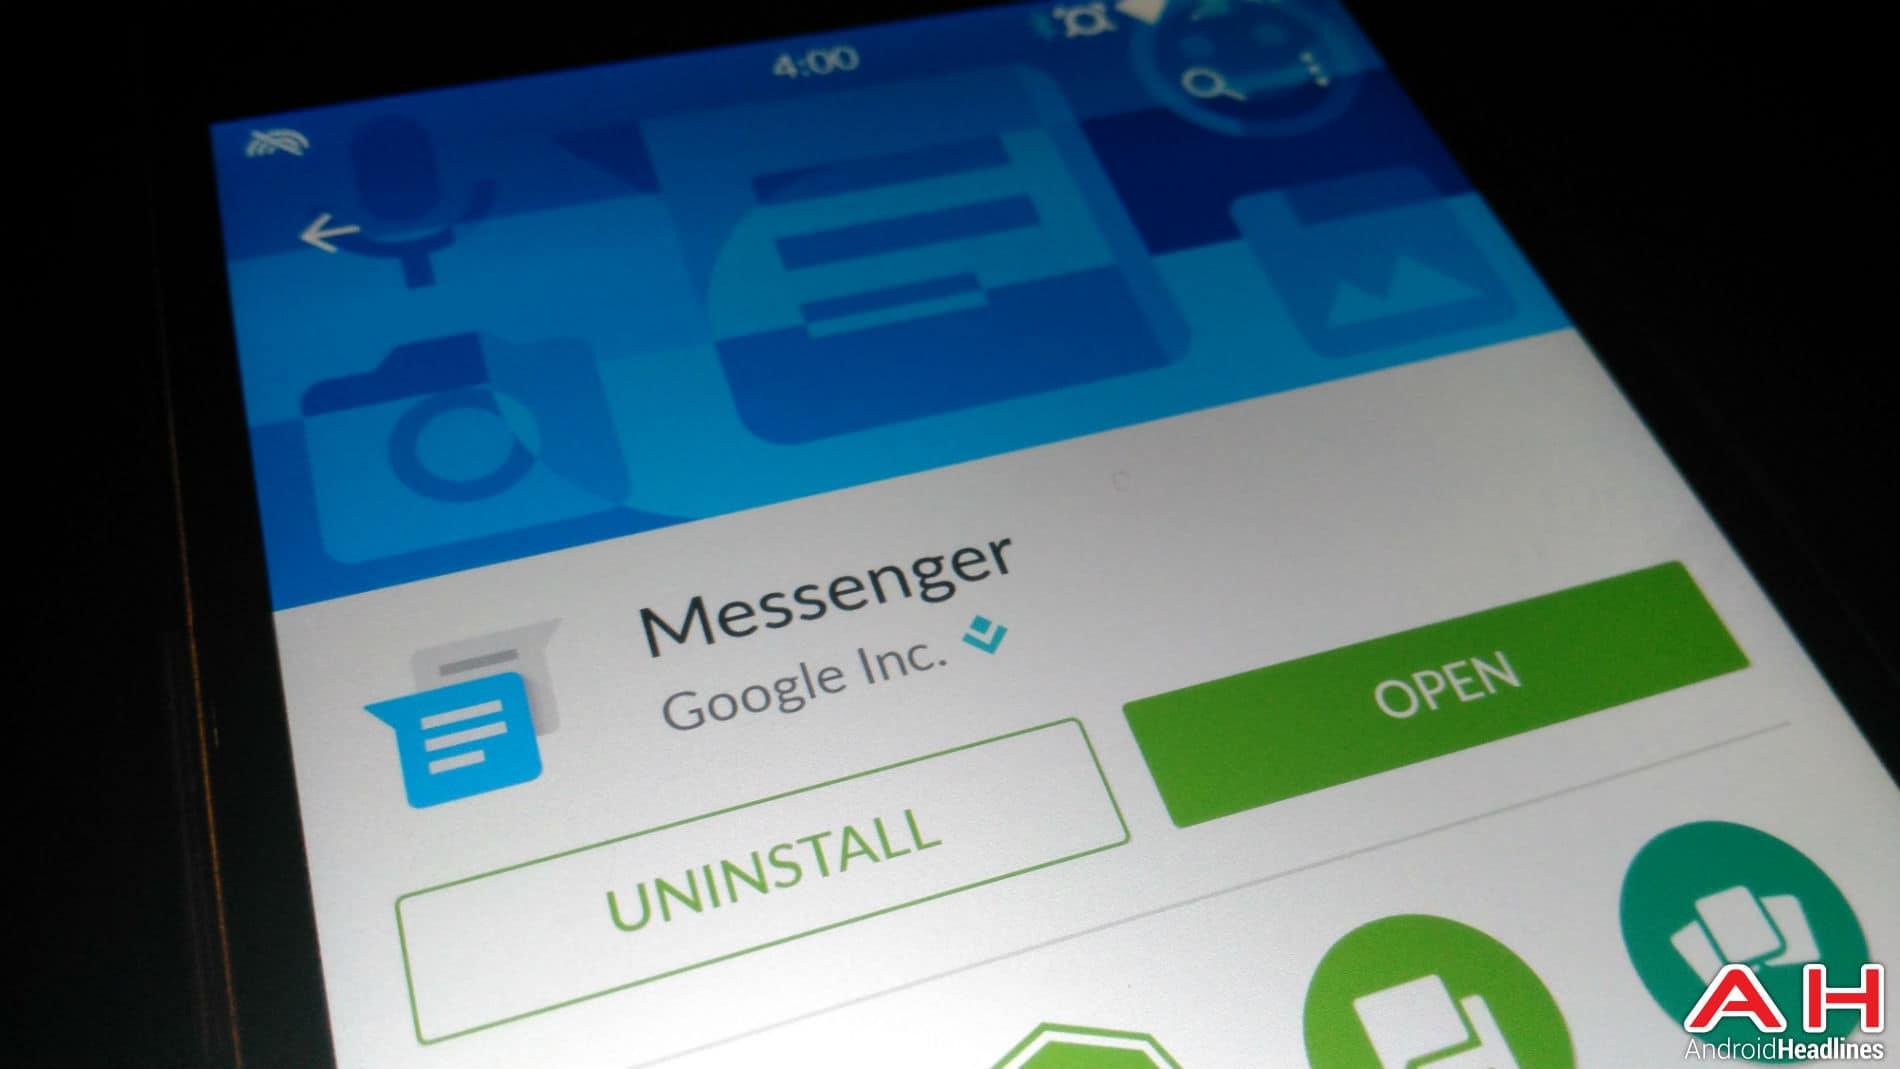 Google Messenger AH